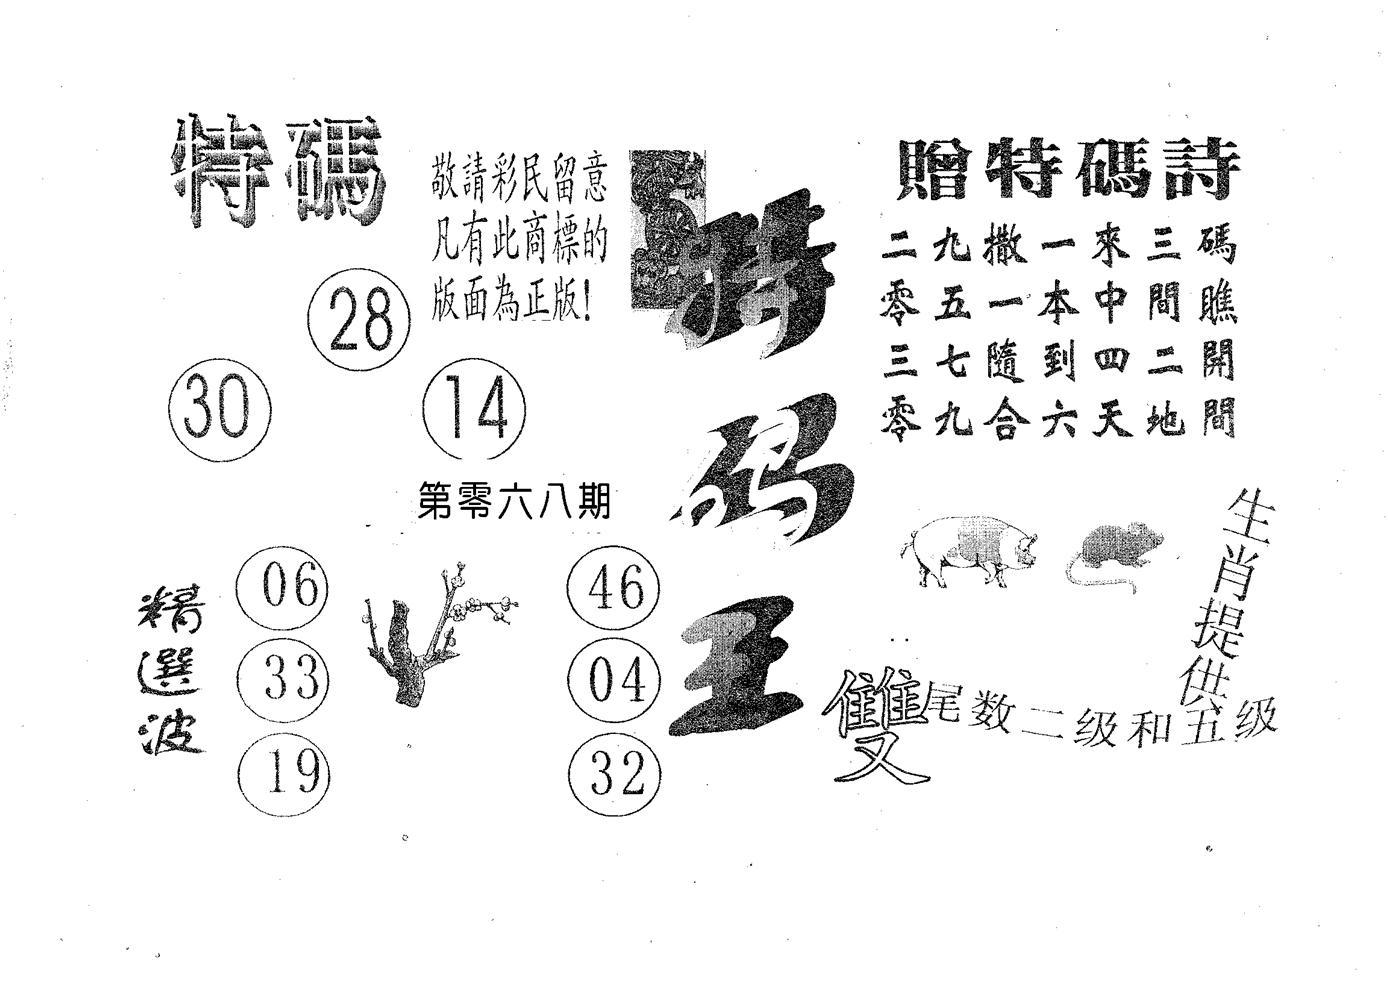 068期特码王A(黑白)